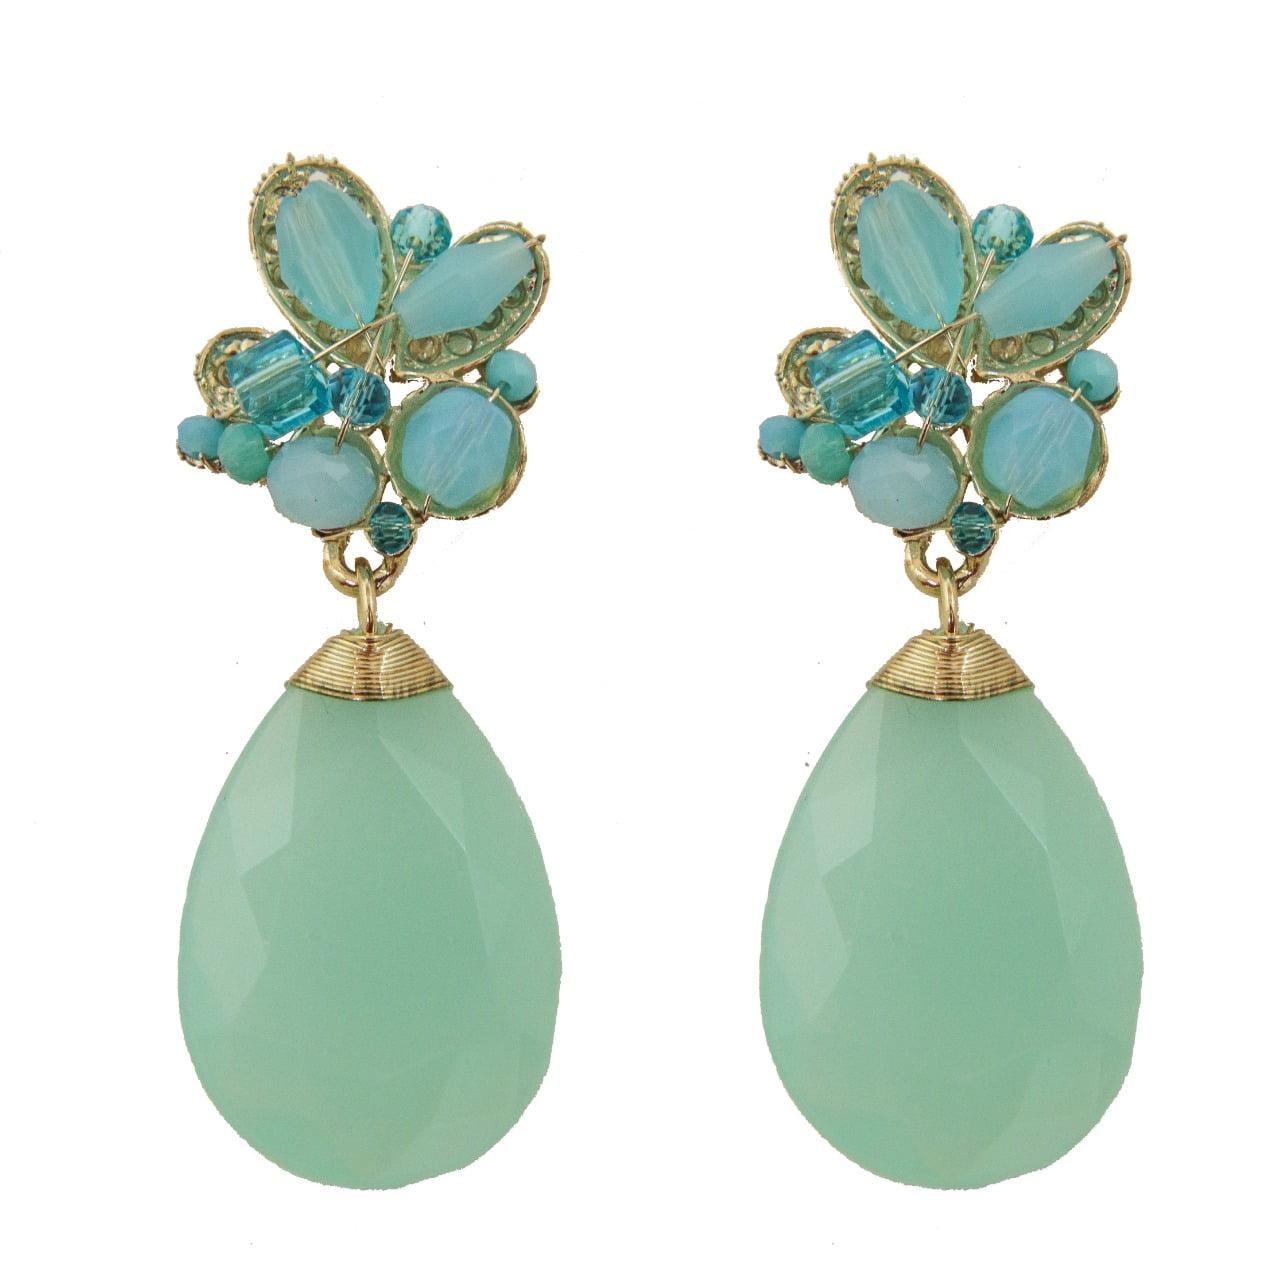 Brinco bordado com cristais azul turquesa e resina azul turquesa folheado em ouro 18k - B3A0002